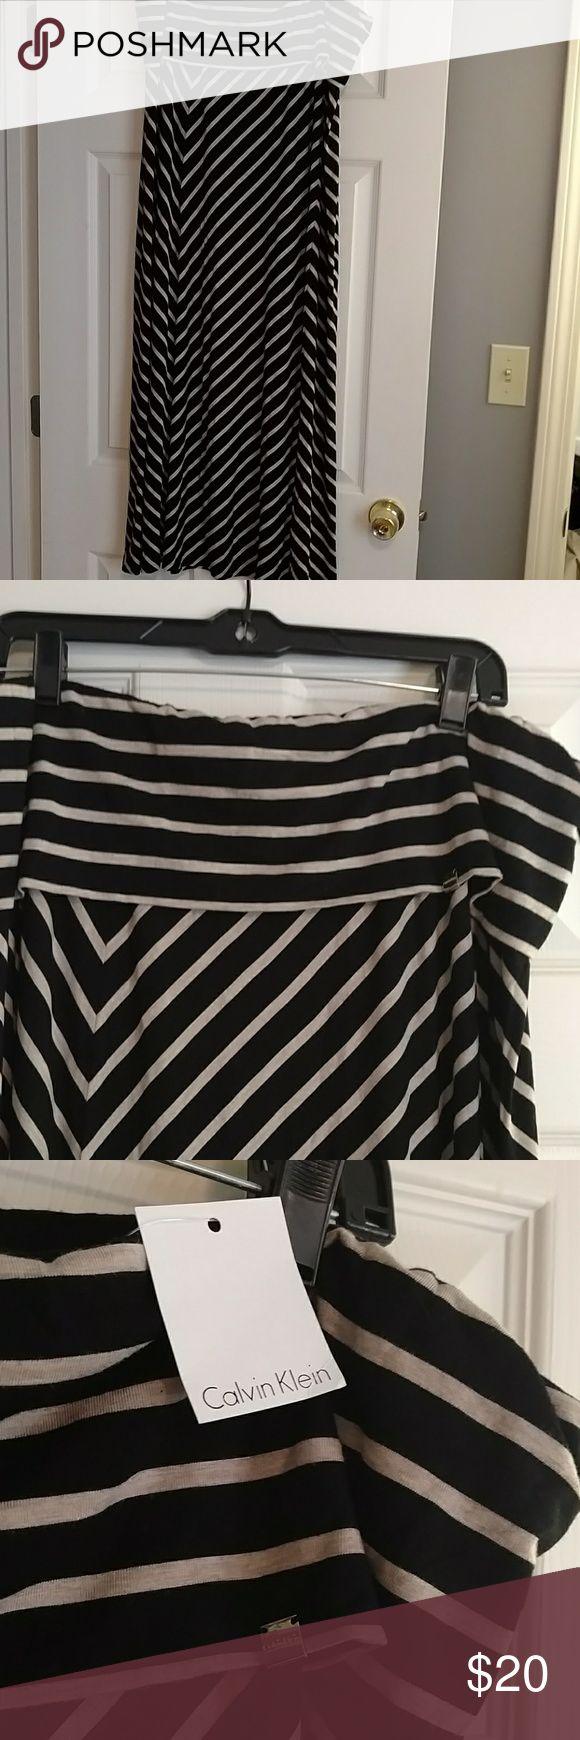 Calvin Klein Black & Tan Maxi skirt XL NWT Maxi Skirt Calvin Klein Skirts Maxi